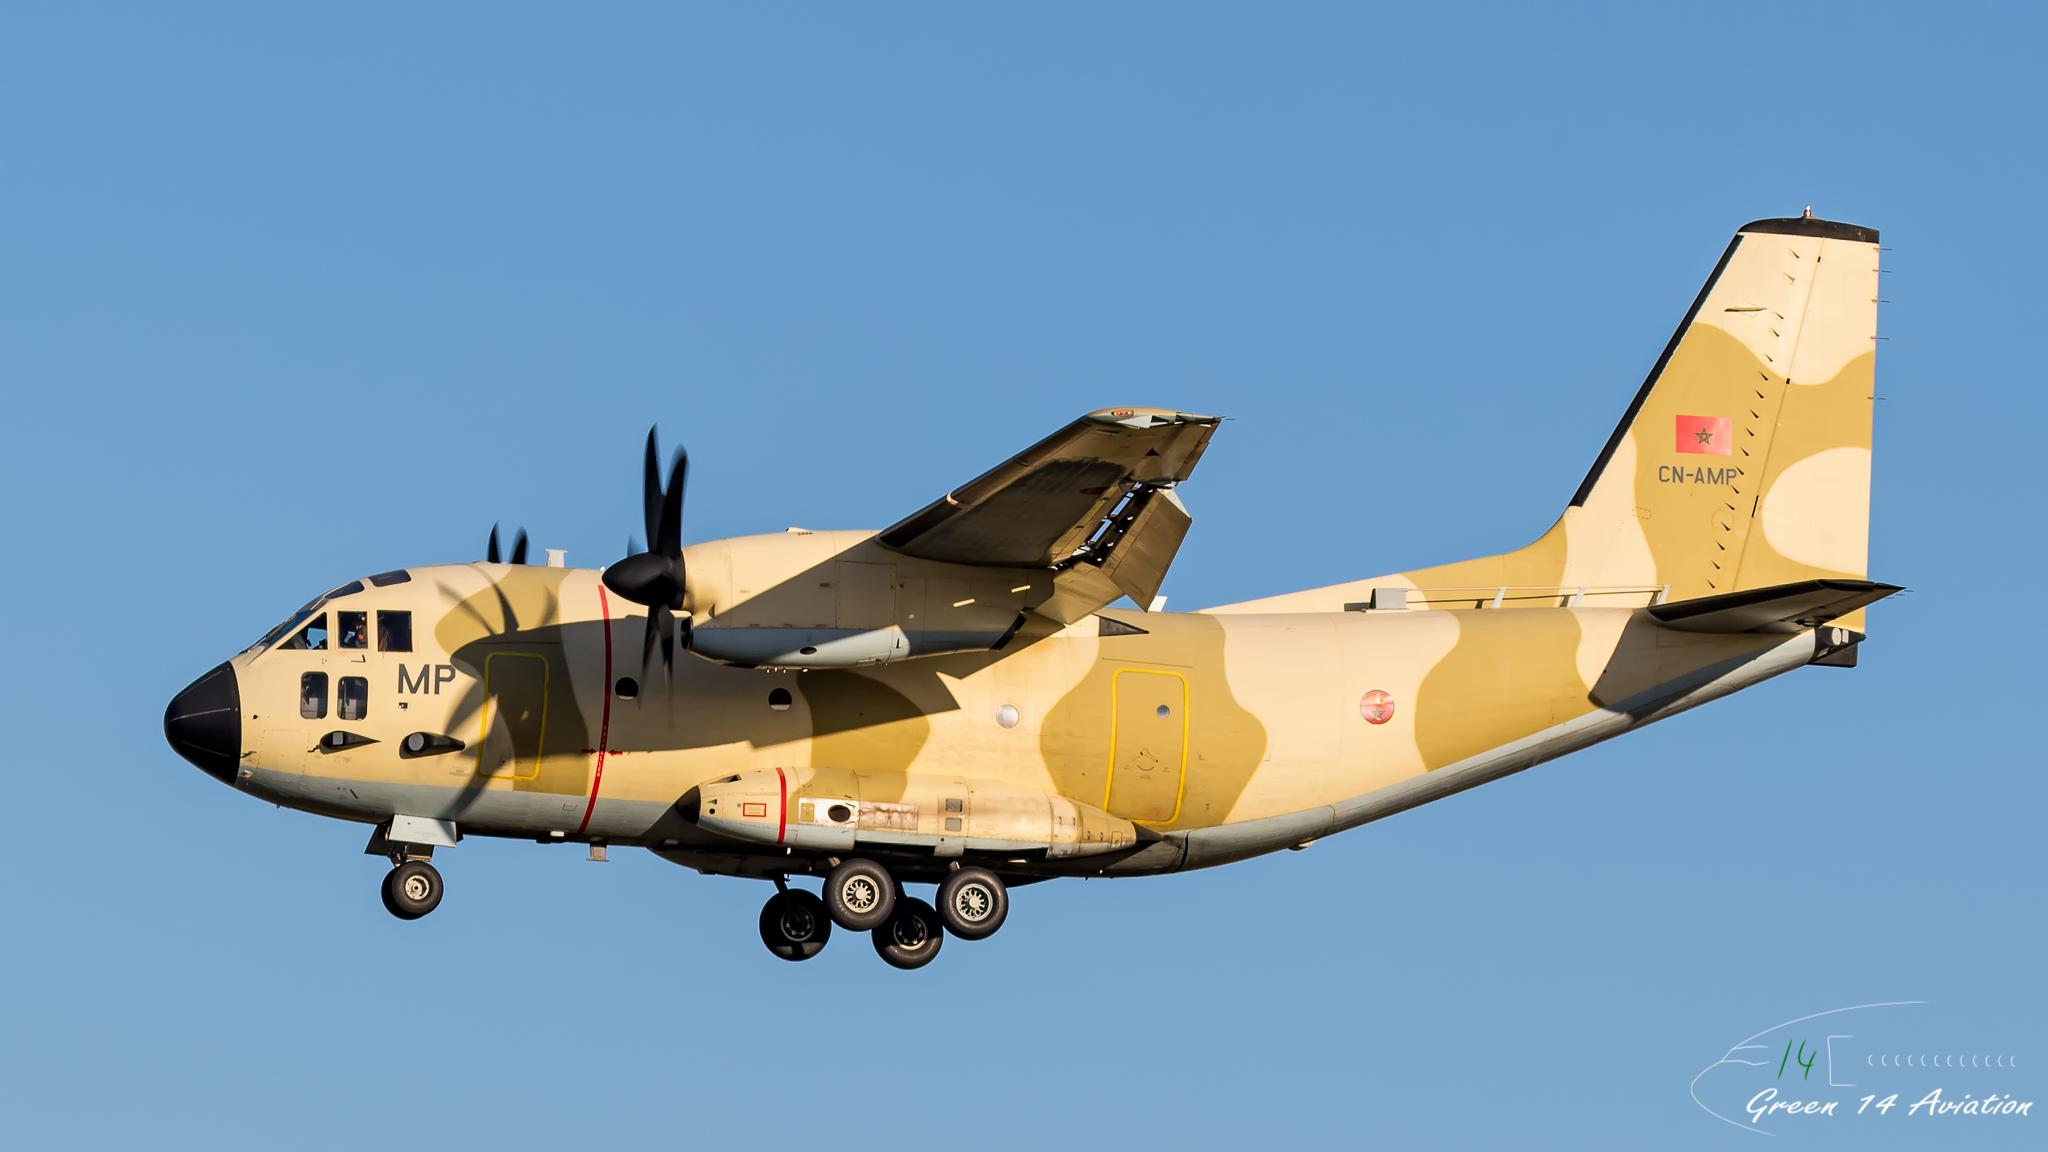 FRA: Photos d'avions de transport - Page 38 47966807568_0a4eb50665_k